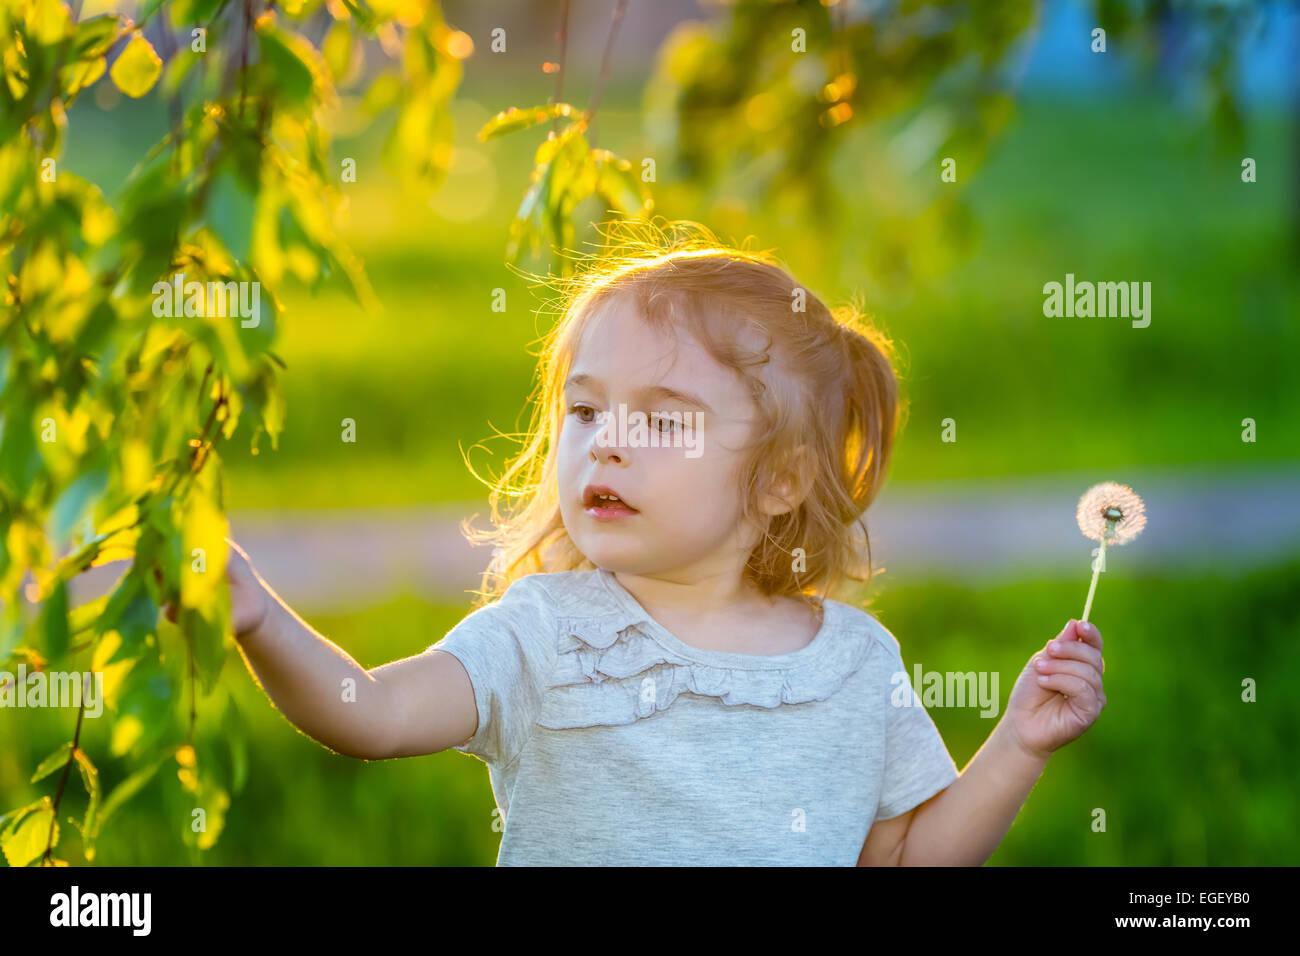 Little girl in spring sunny park Stock Photo